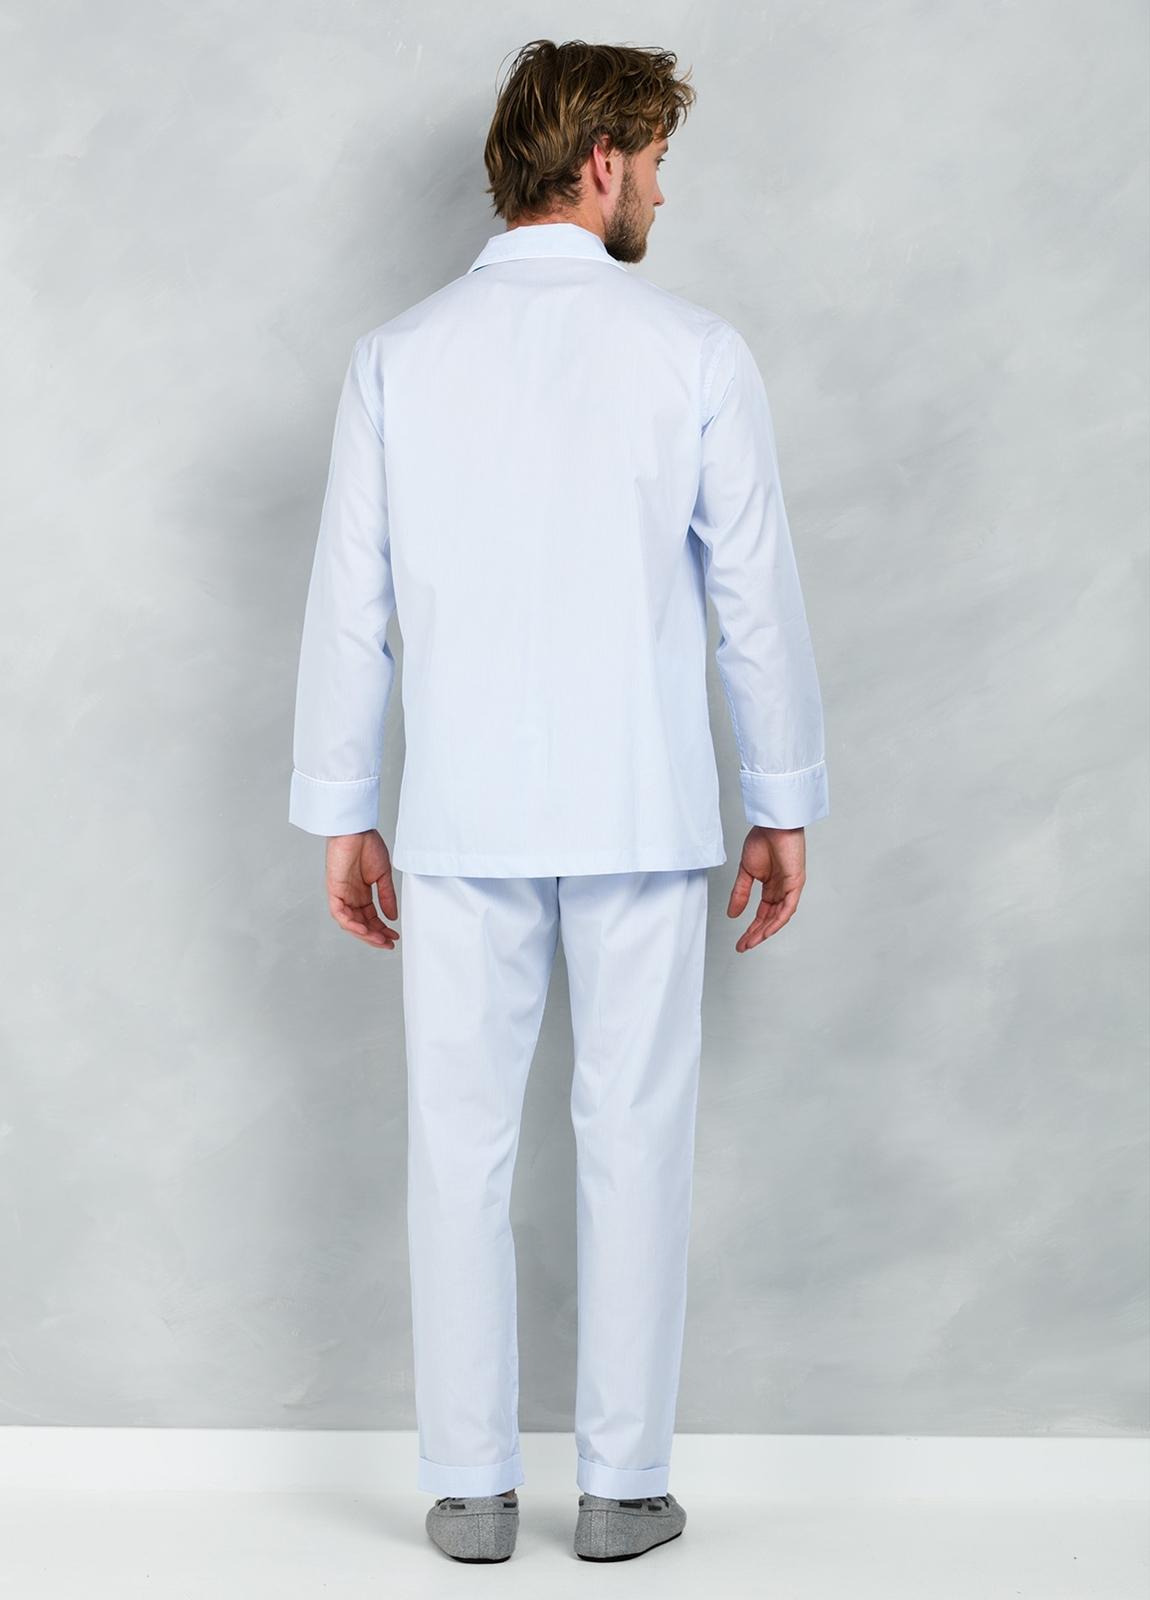 Pijama LARGO dos piezas, pantalón largo con cinta no elástica y funda incluida color celeste con micro rayas , 100% Algodón. - Ítem2